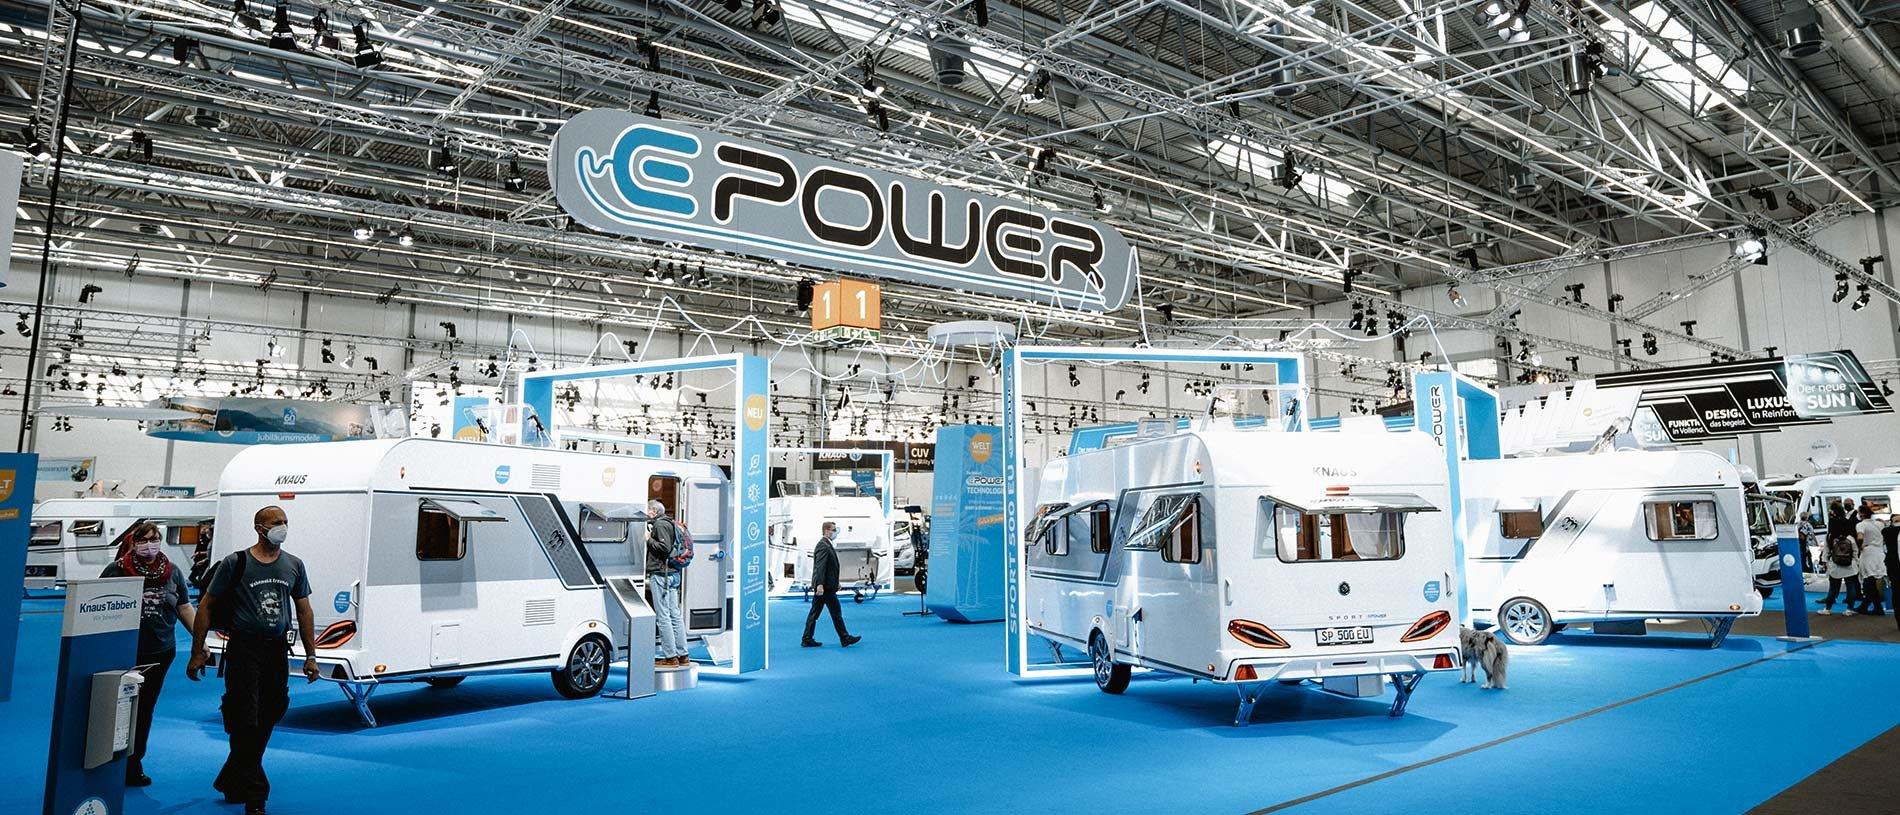 Knaus Tabbert e power electric vehicles